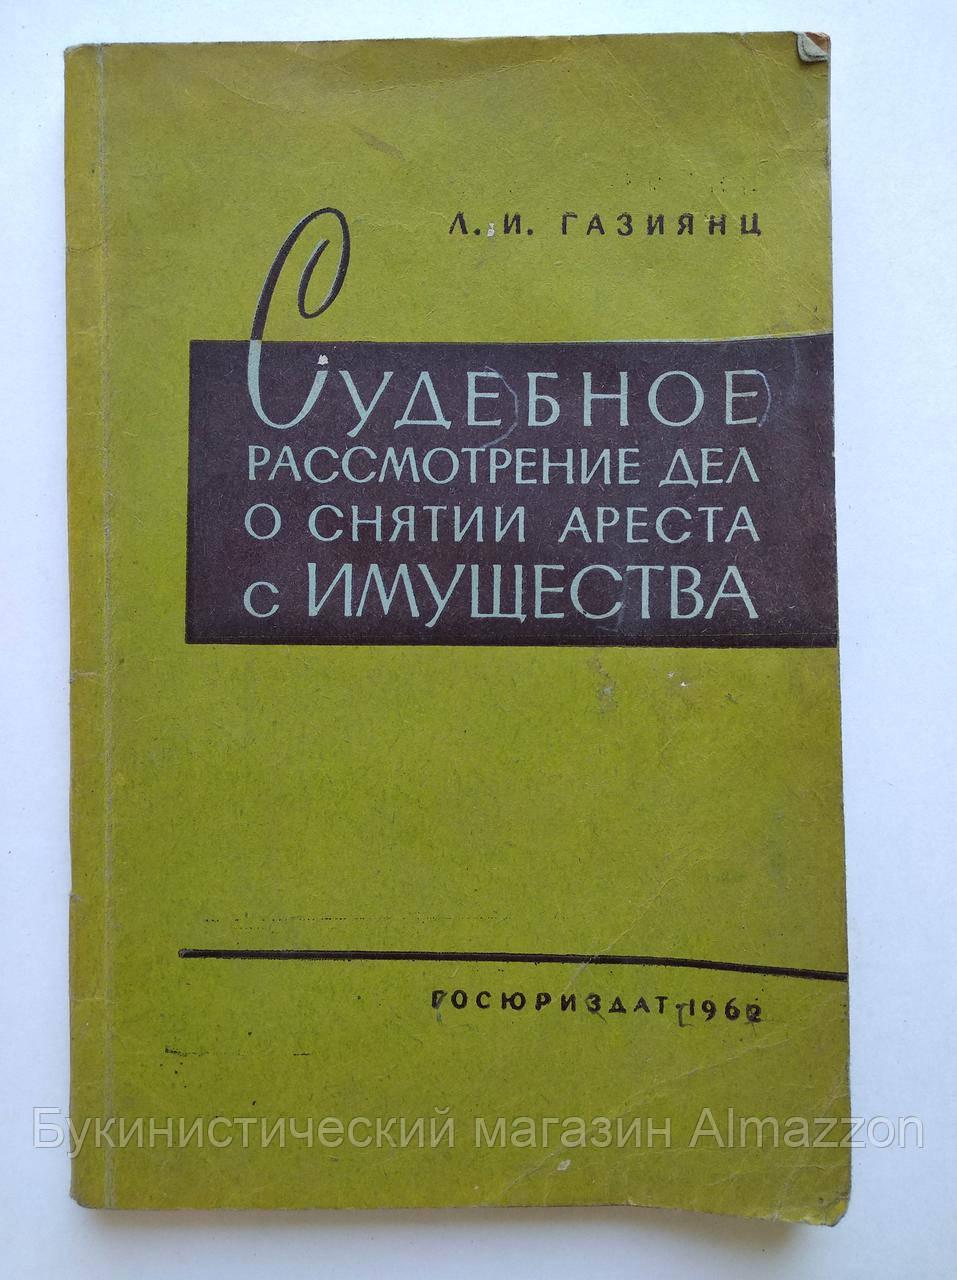 Л.Газиянц Судебное рассмотрение дел о снятии ареста с имущества. 1962 год